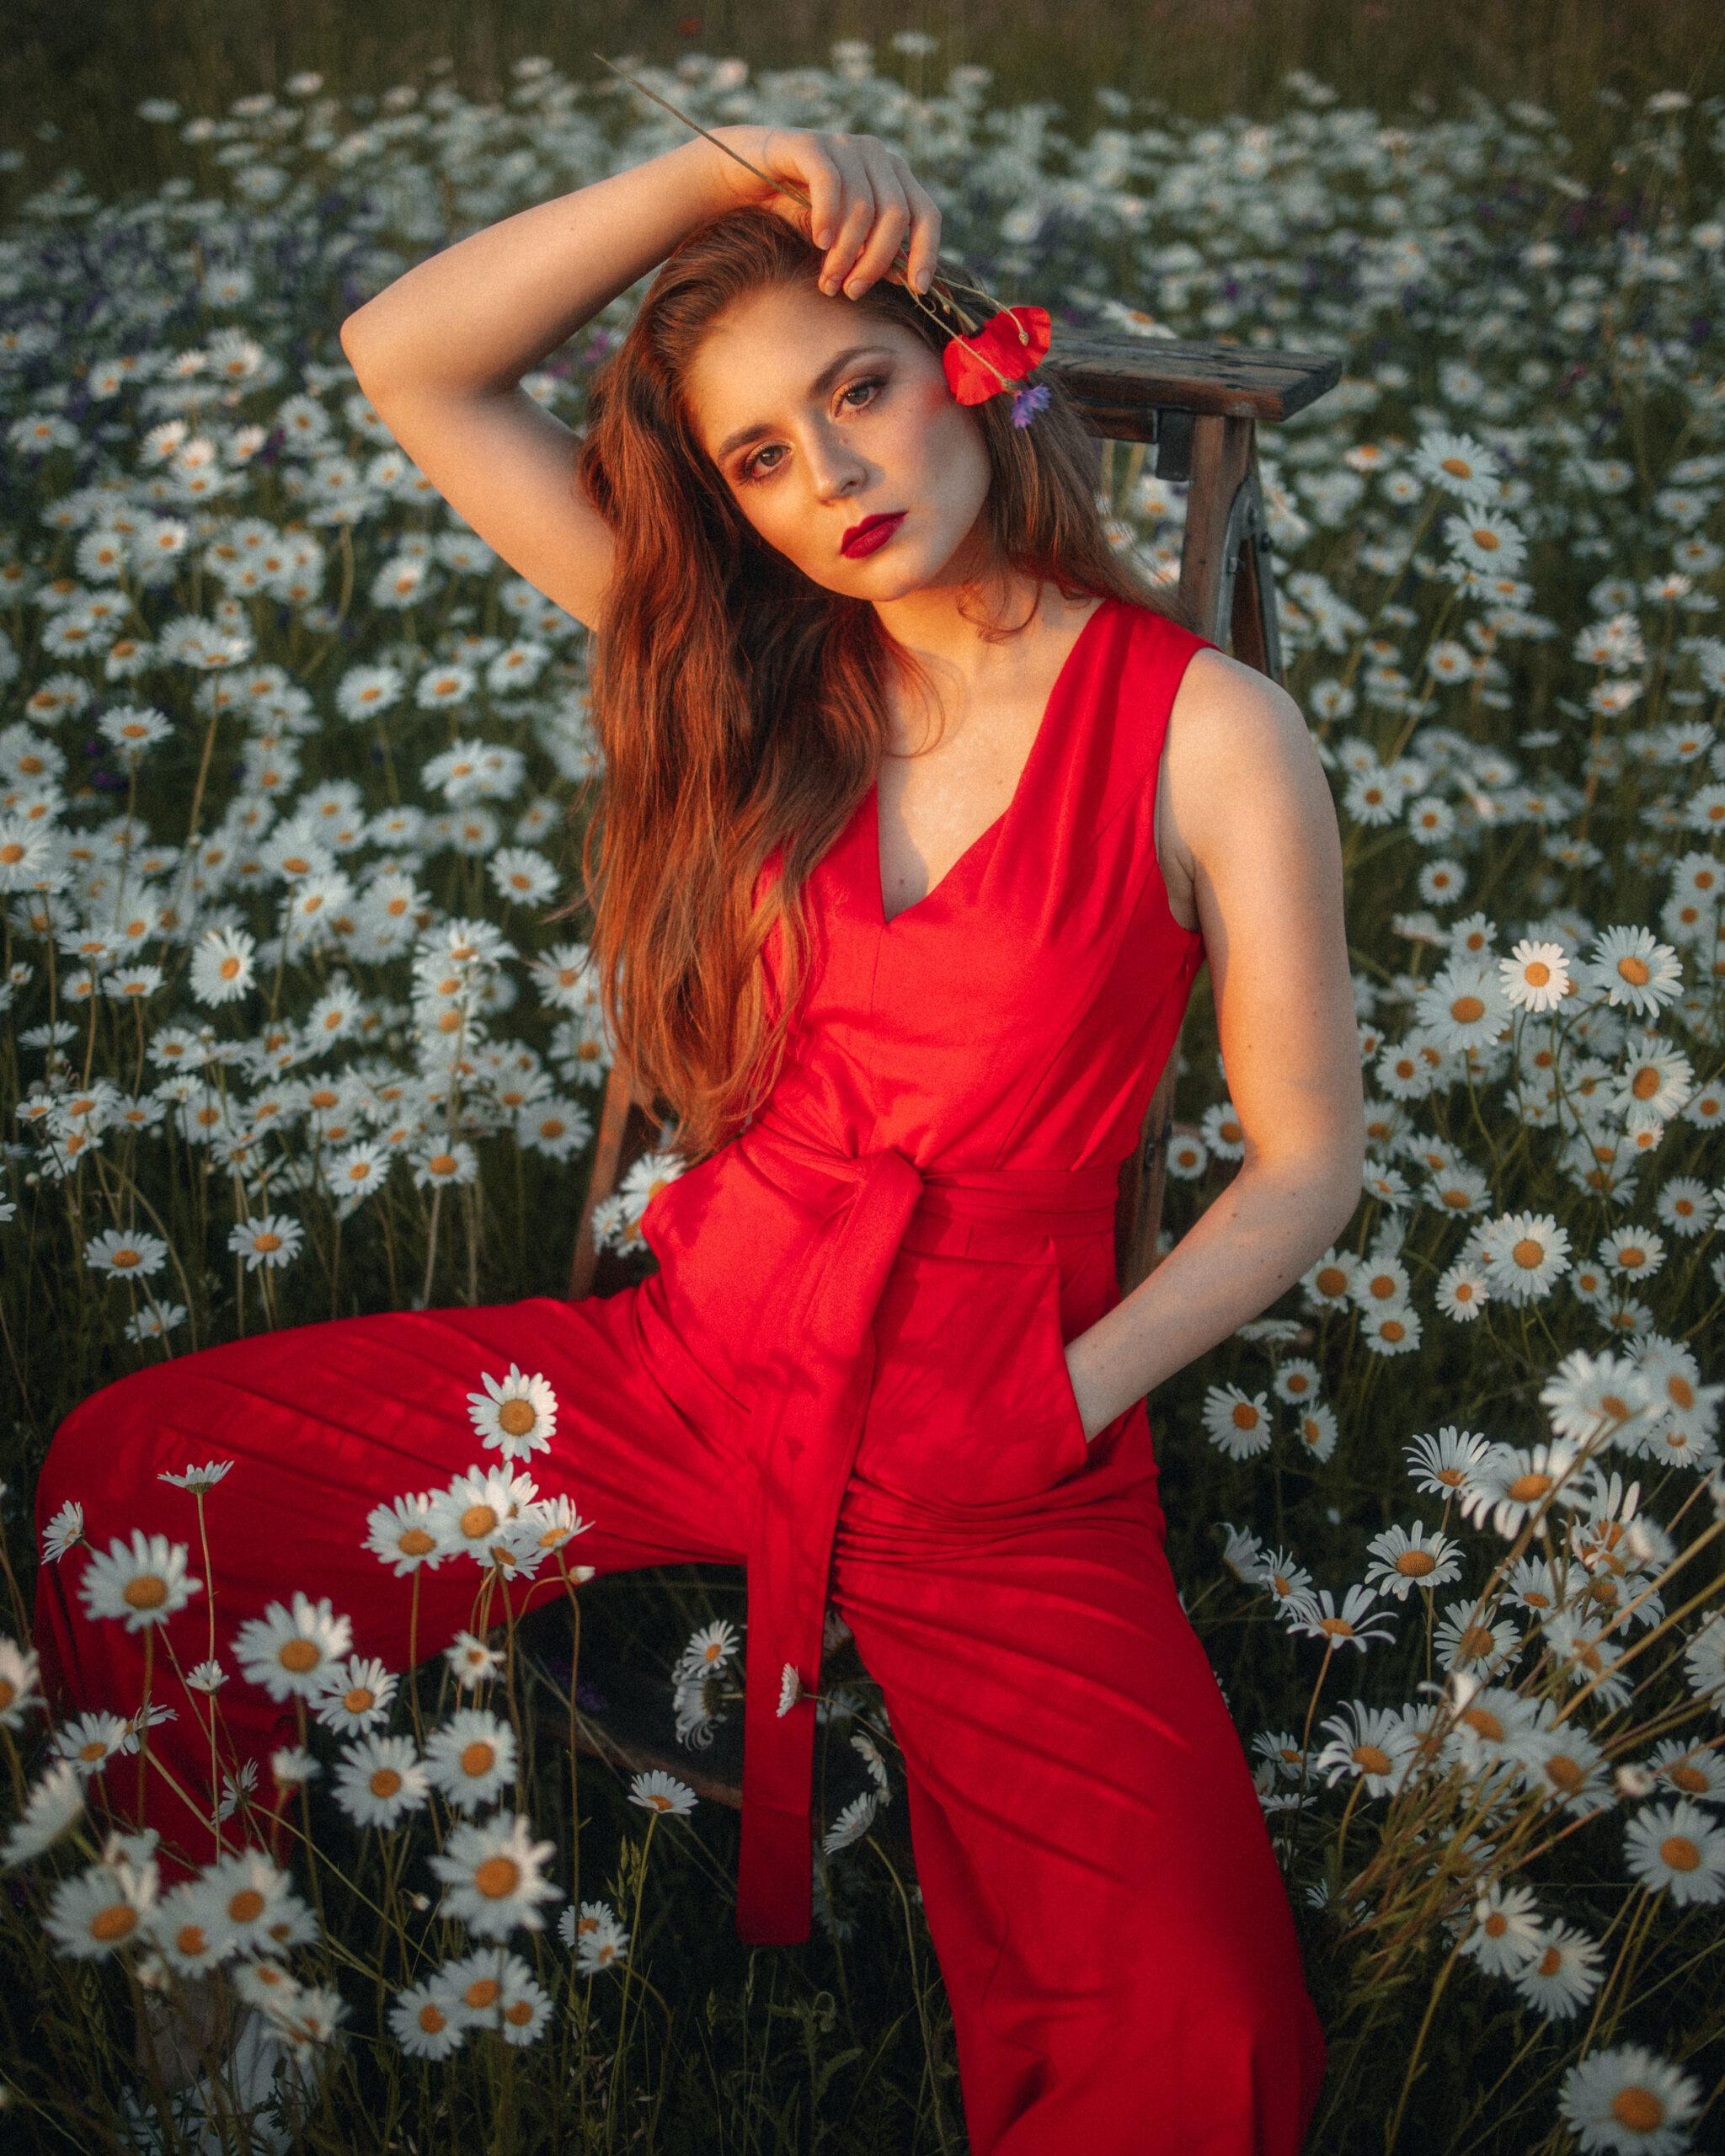 Teresa_flowerfield-9